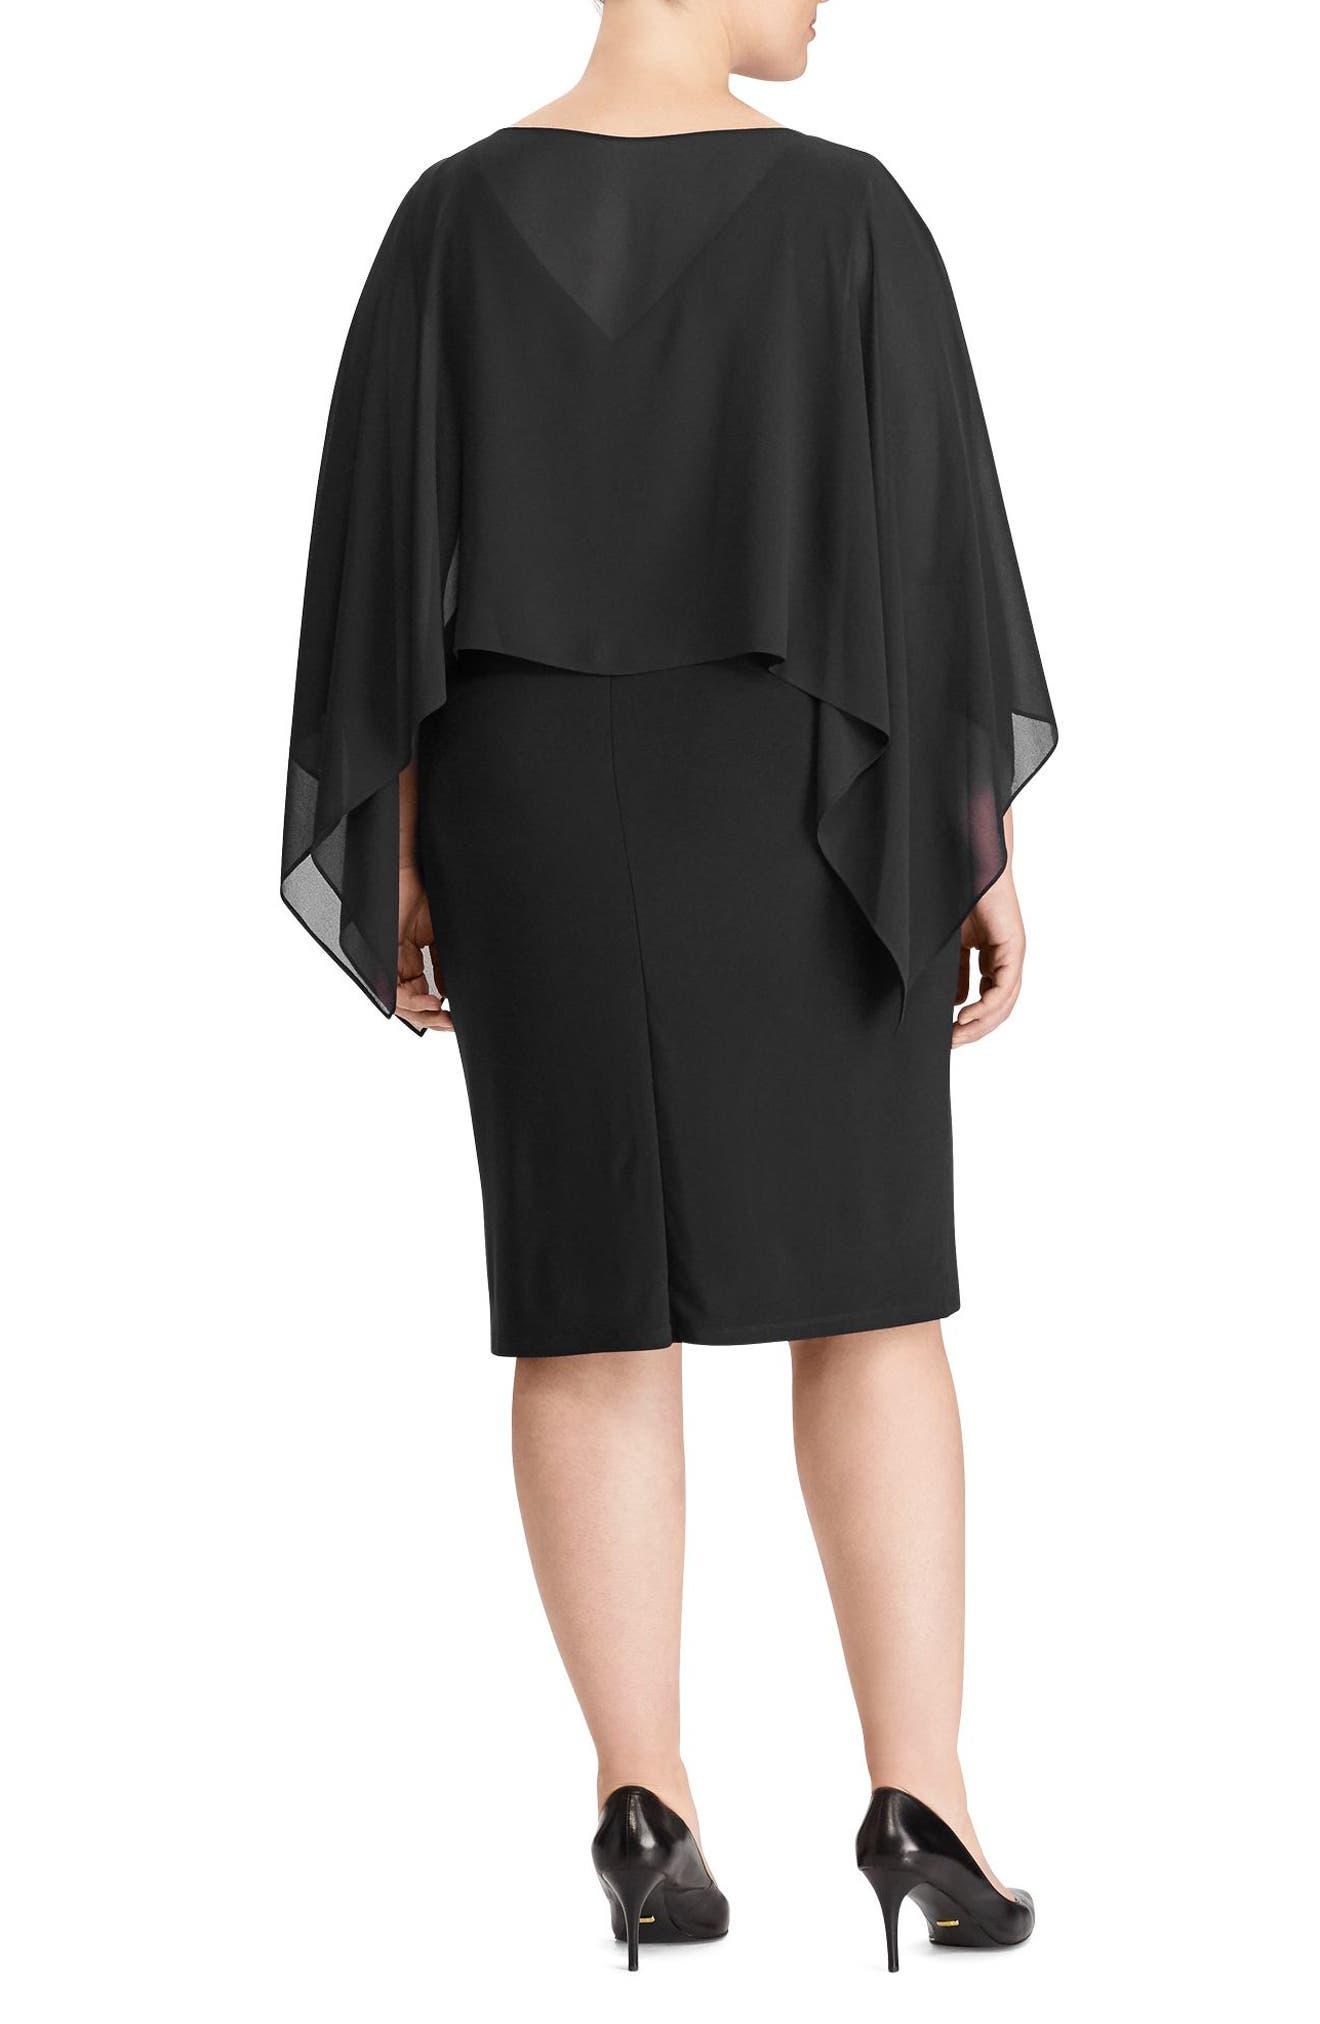 Mercinitta Dress,                             Alternate thumbnail 2, color,                             001